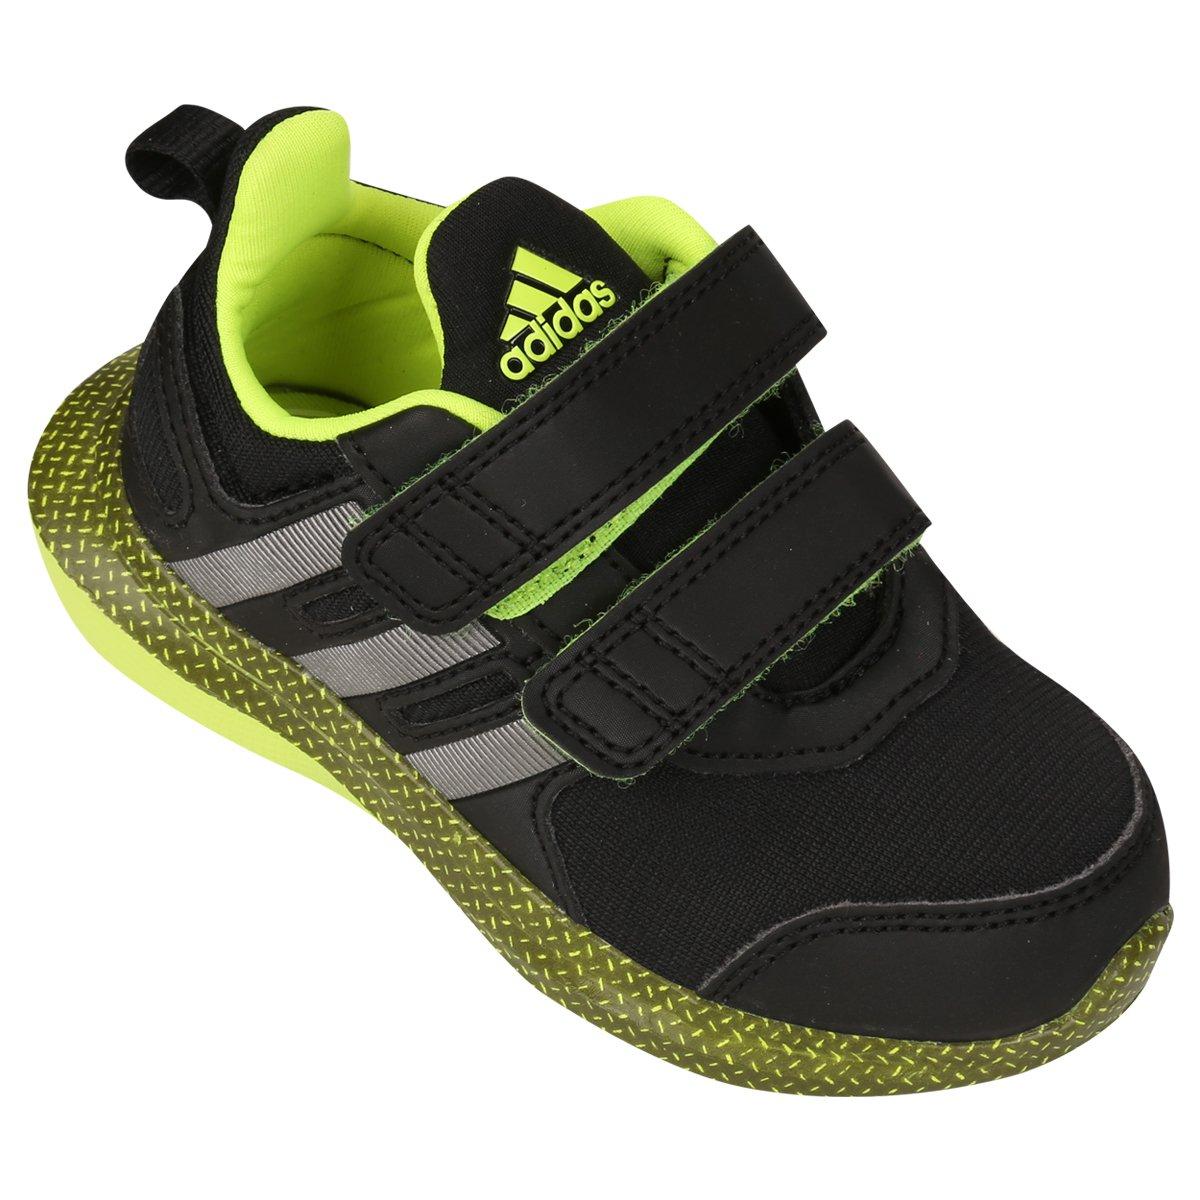 Tênis Adidas Hyperfast 2 Cf Juvenil - Preto e Verde Limão - Compre ... a58af183650d5